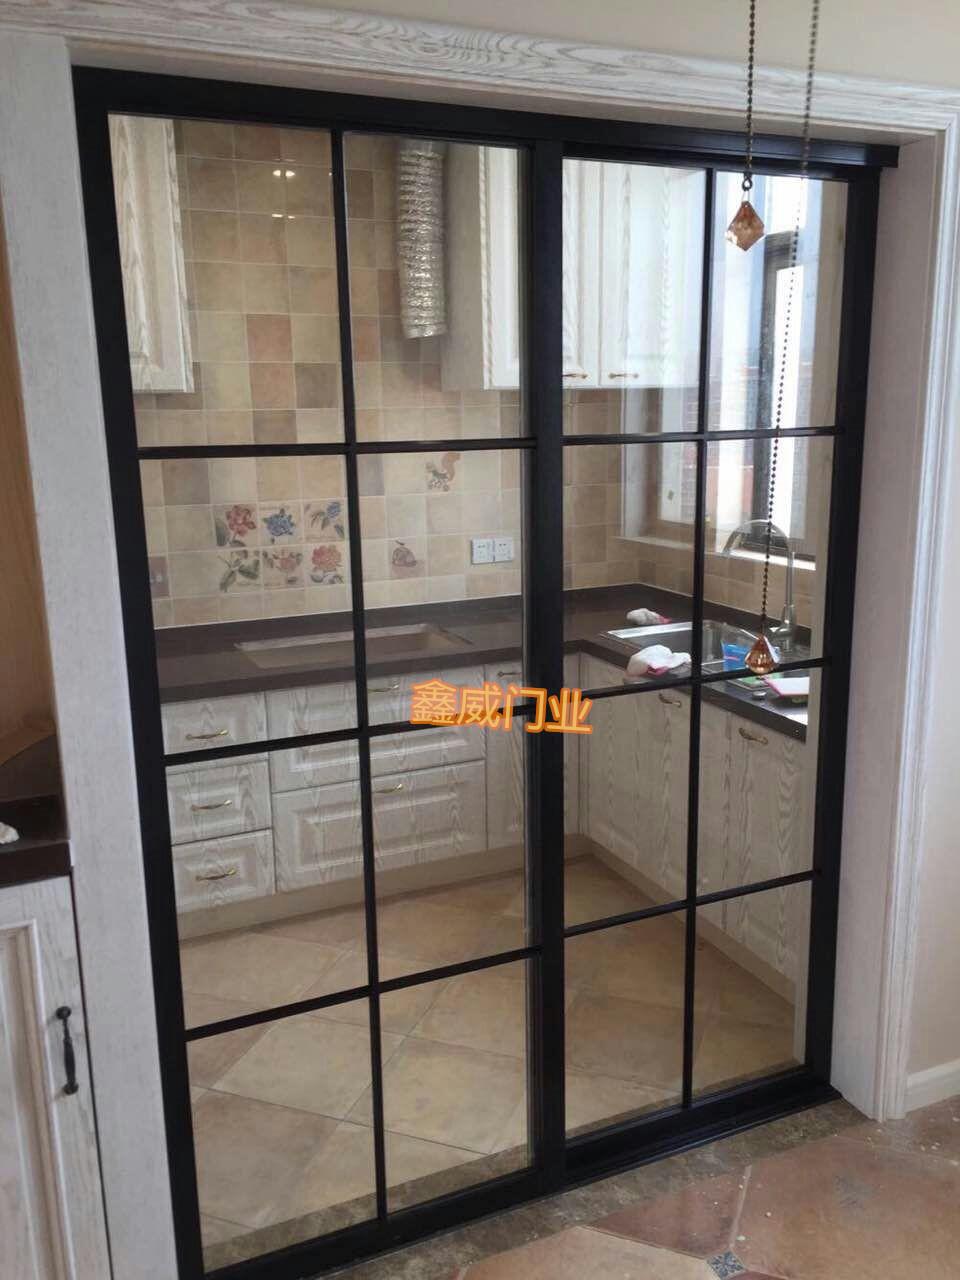 爆款定制客厅阳台厨房推拉门隔断移门拼格玻璃推拉门钢化玻璃移门